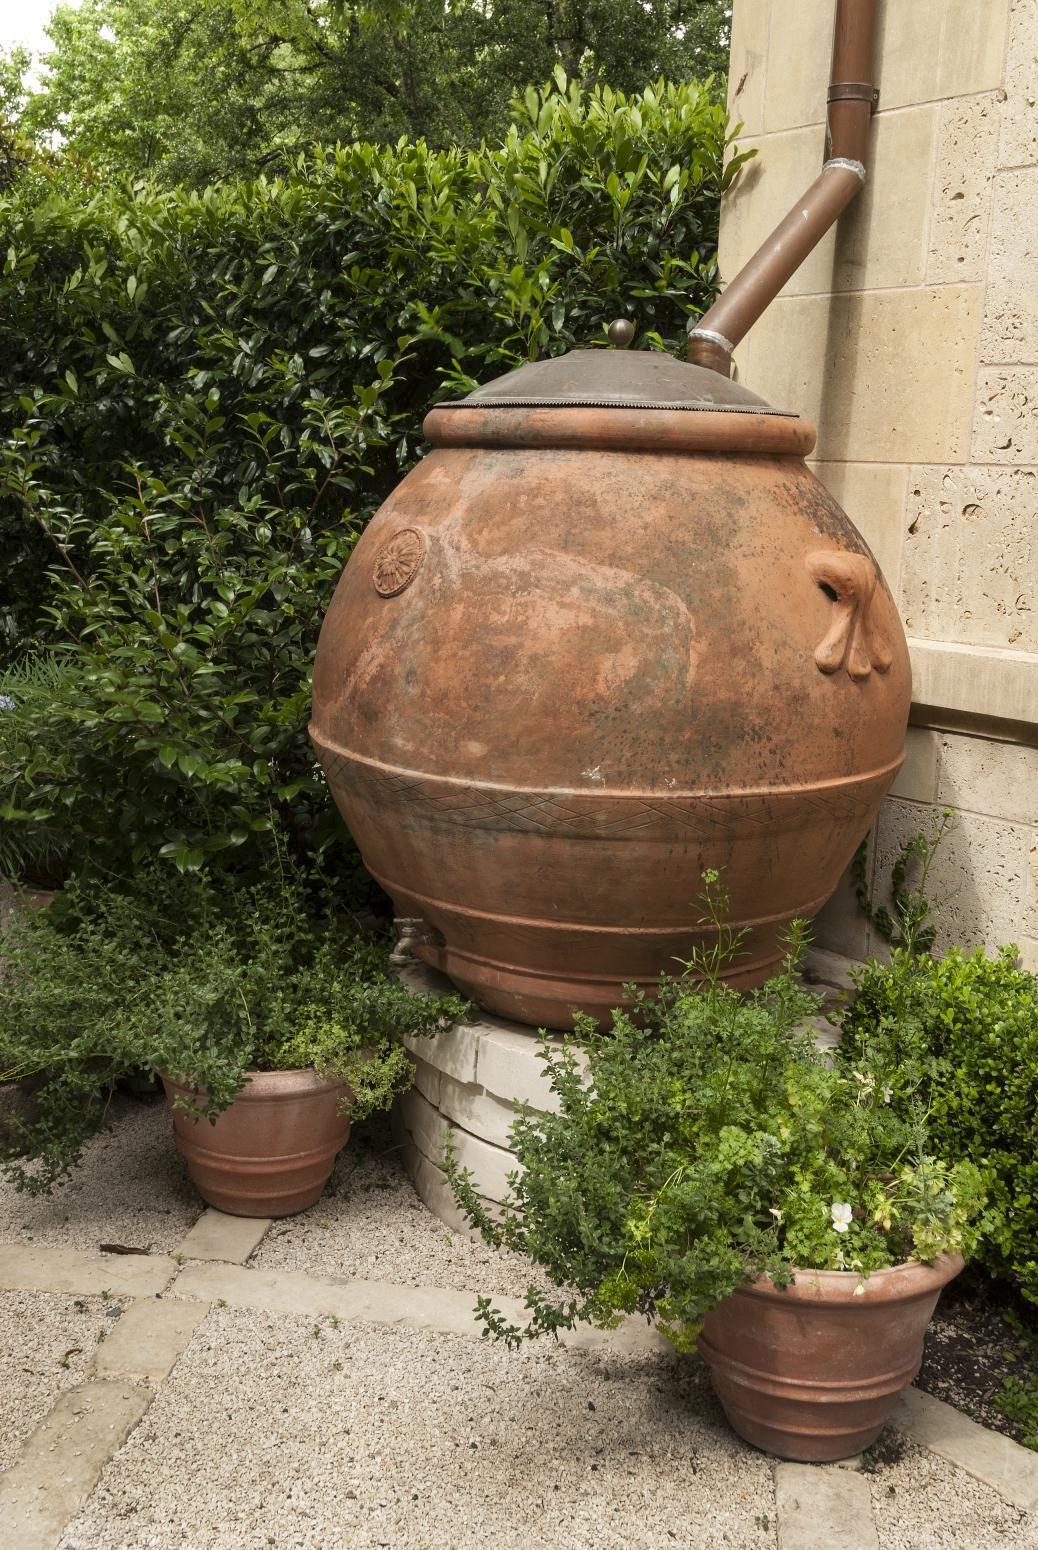 Recyclage D'une Vieille #jarre A Huile D'olive En Baril De ... tout Jarre De Jardin